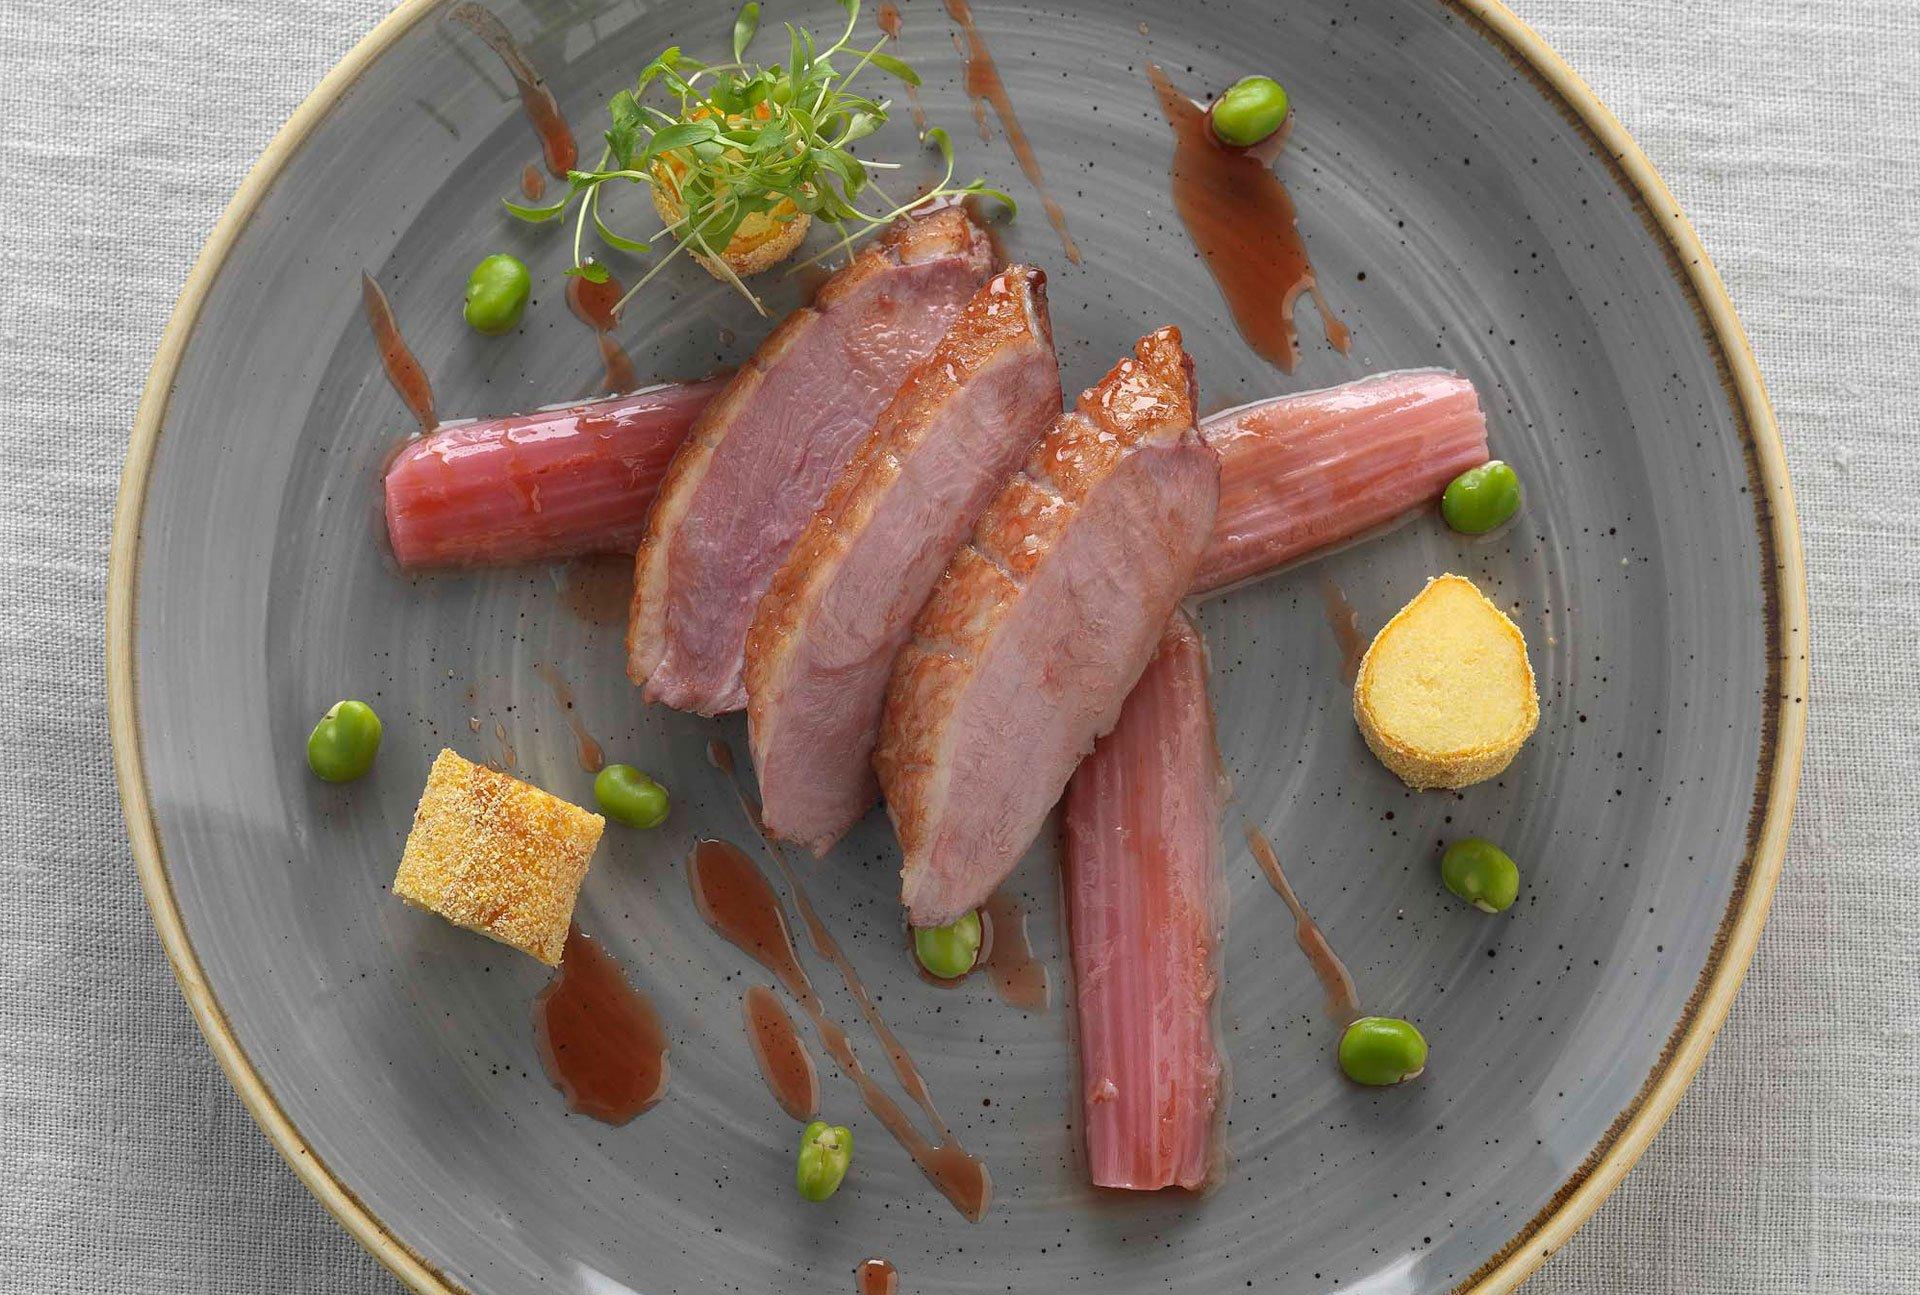 Filet de canard laqué à l'aigre-douce, polenta croustillante et rhubarbe